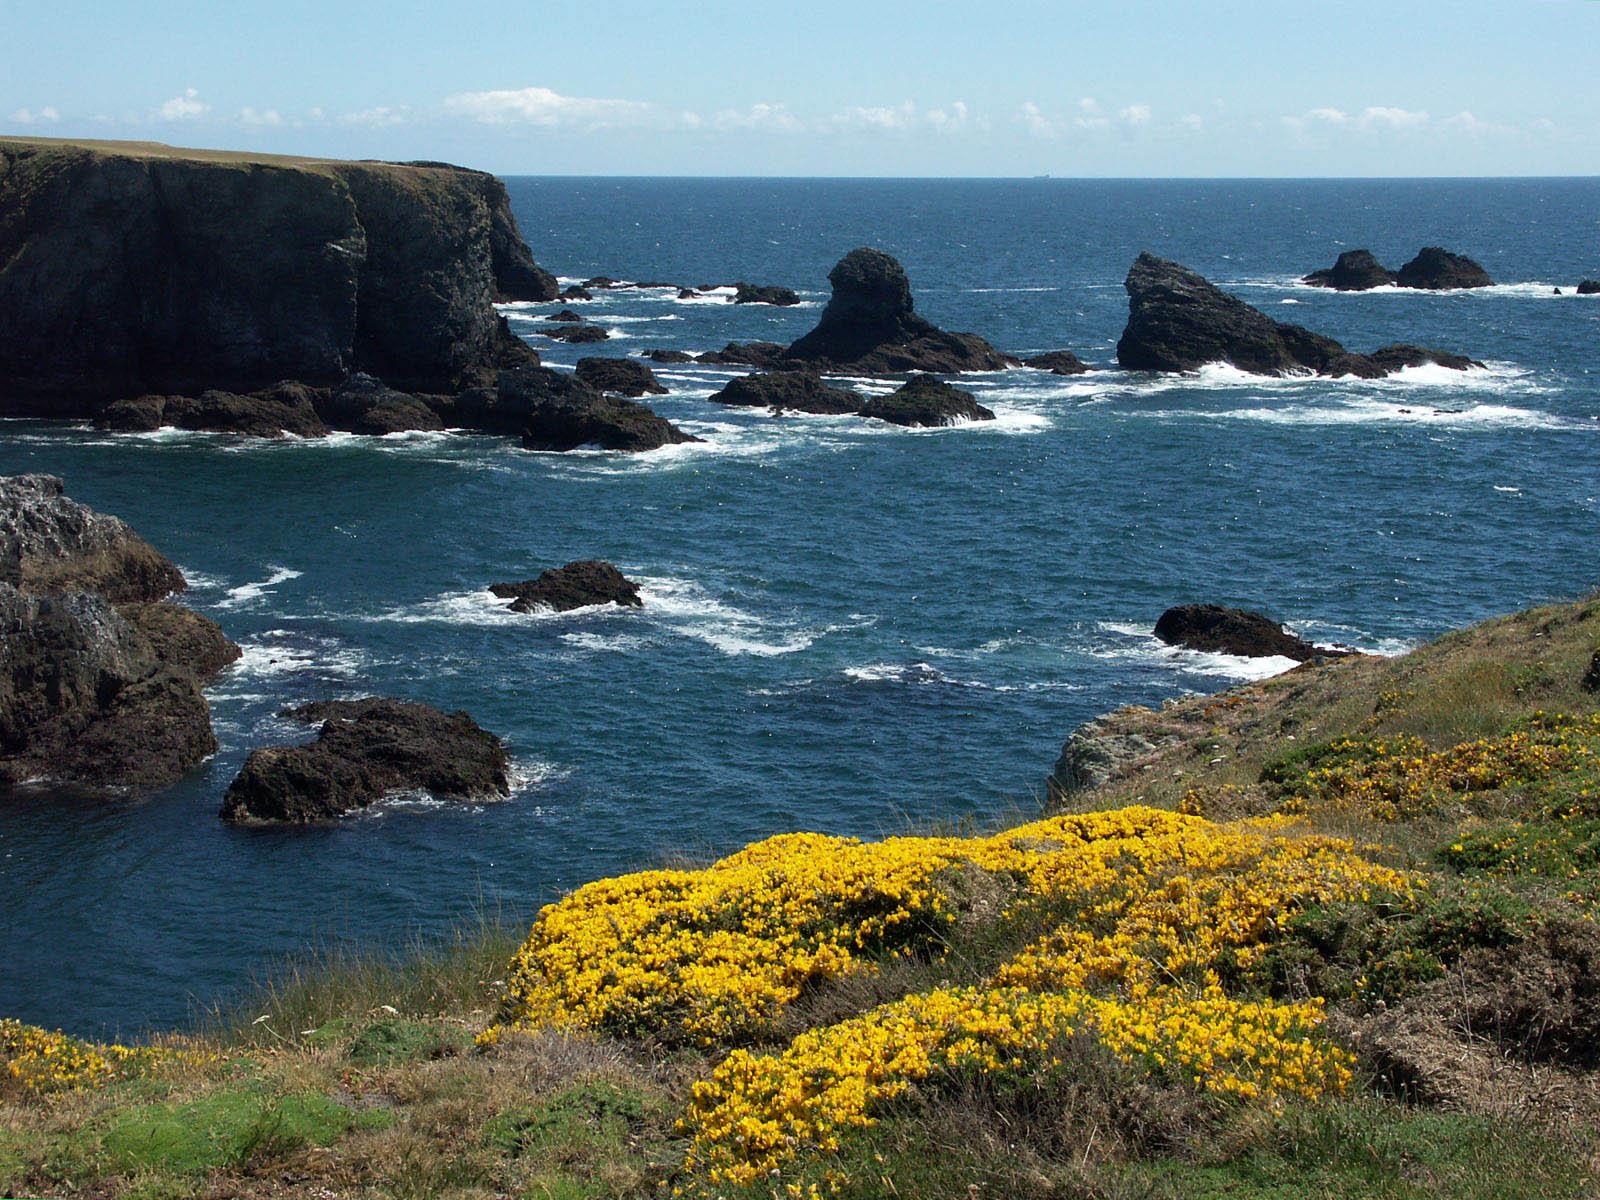 Fonds d'écran Voyages : Europe France > Bretagne Belle_Ile fleurie en mai